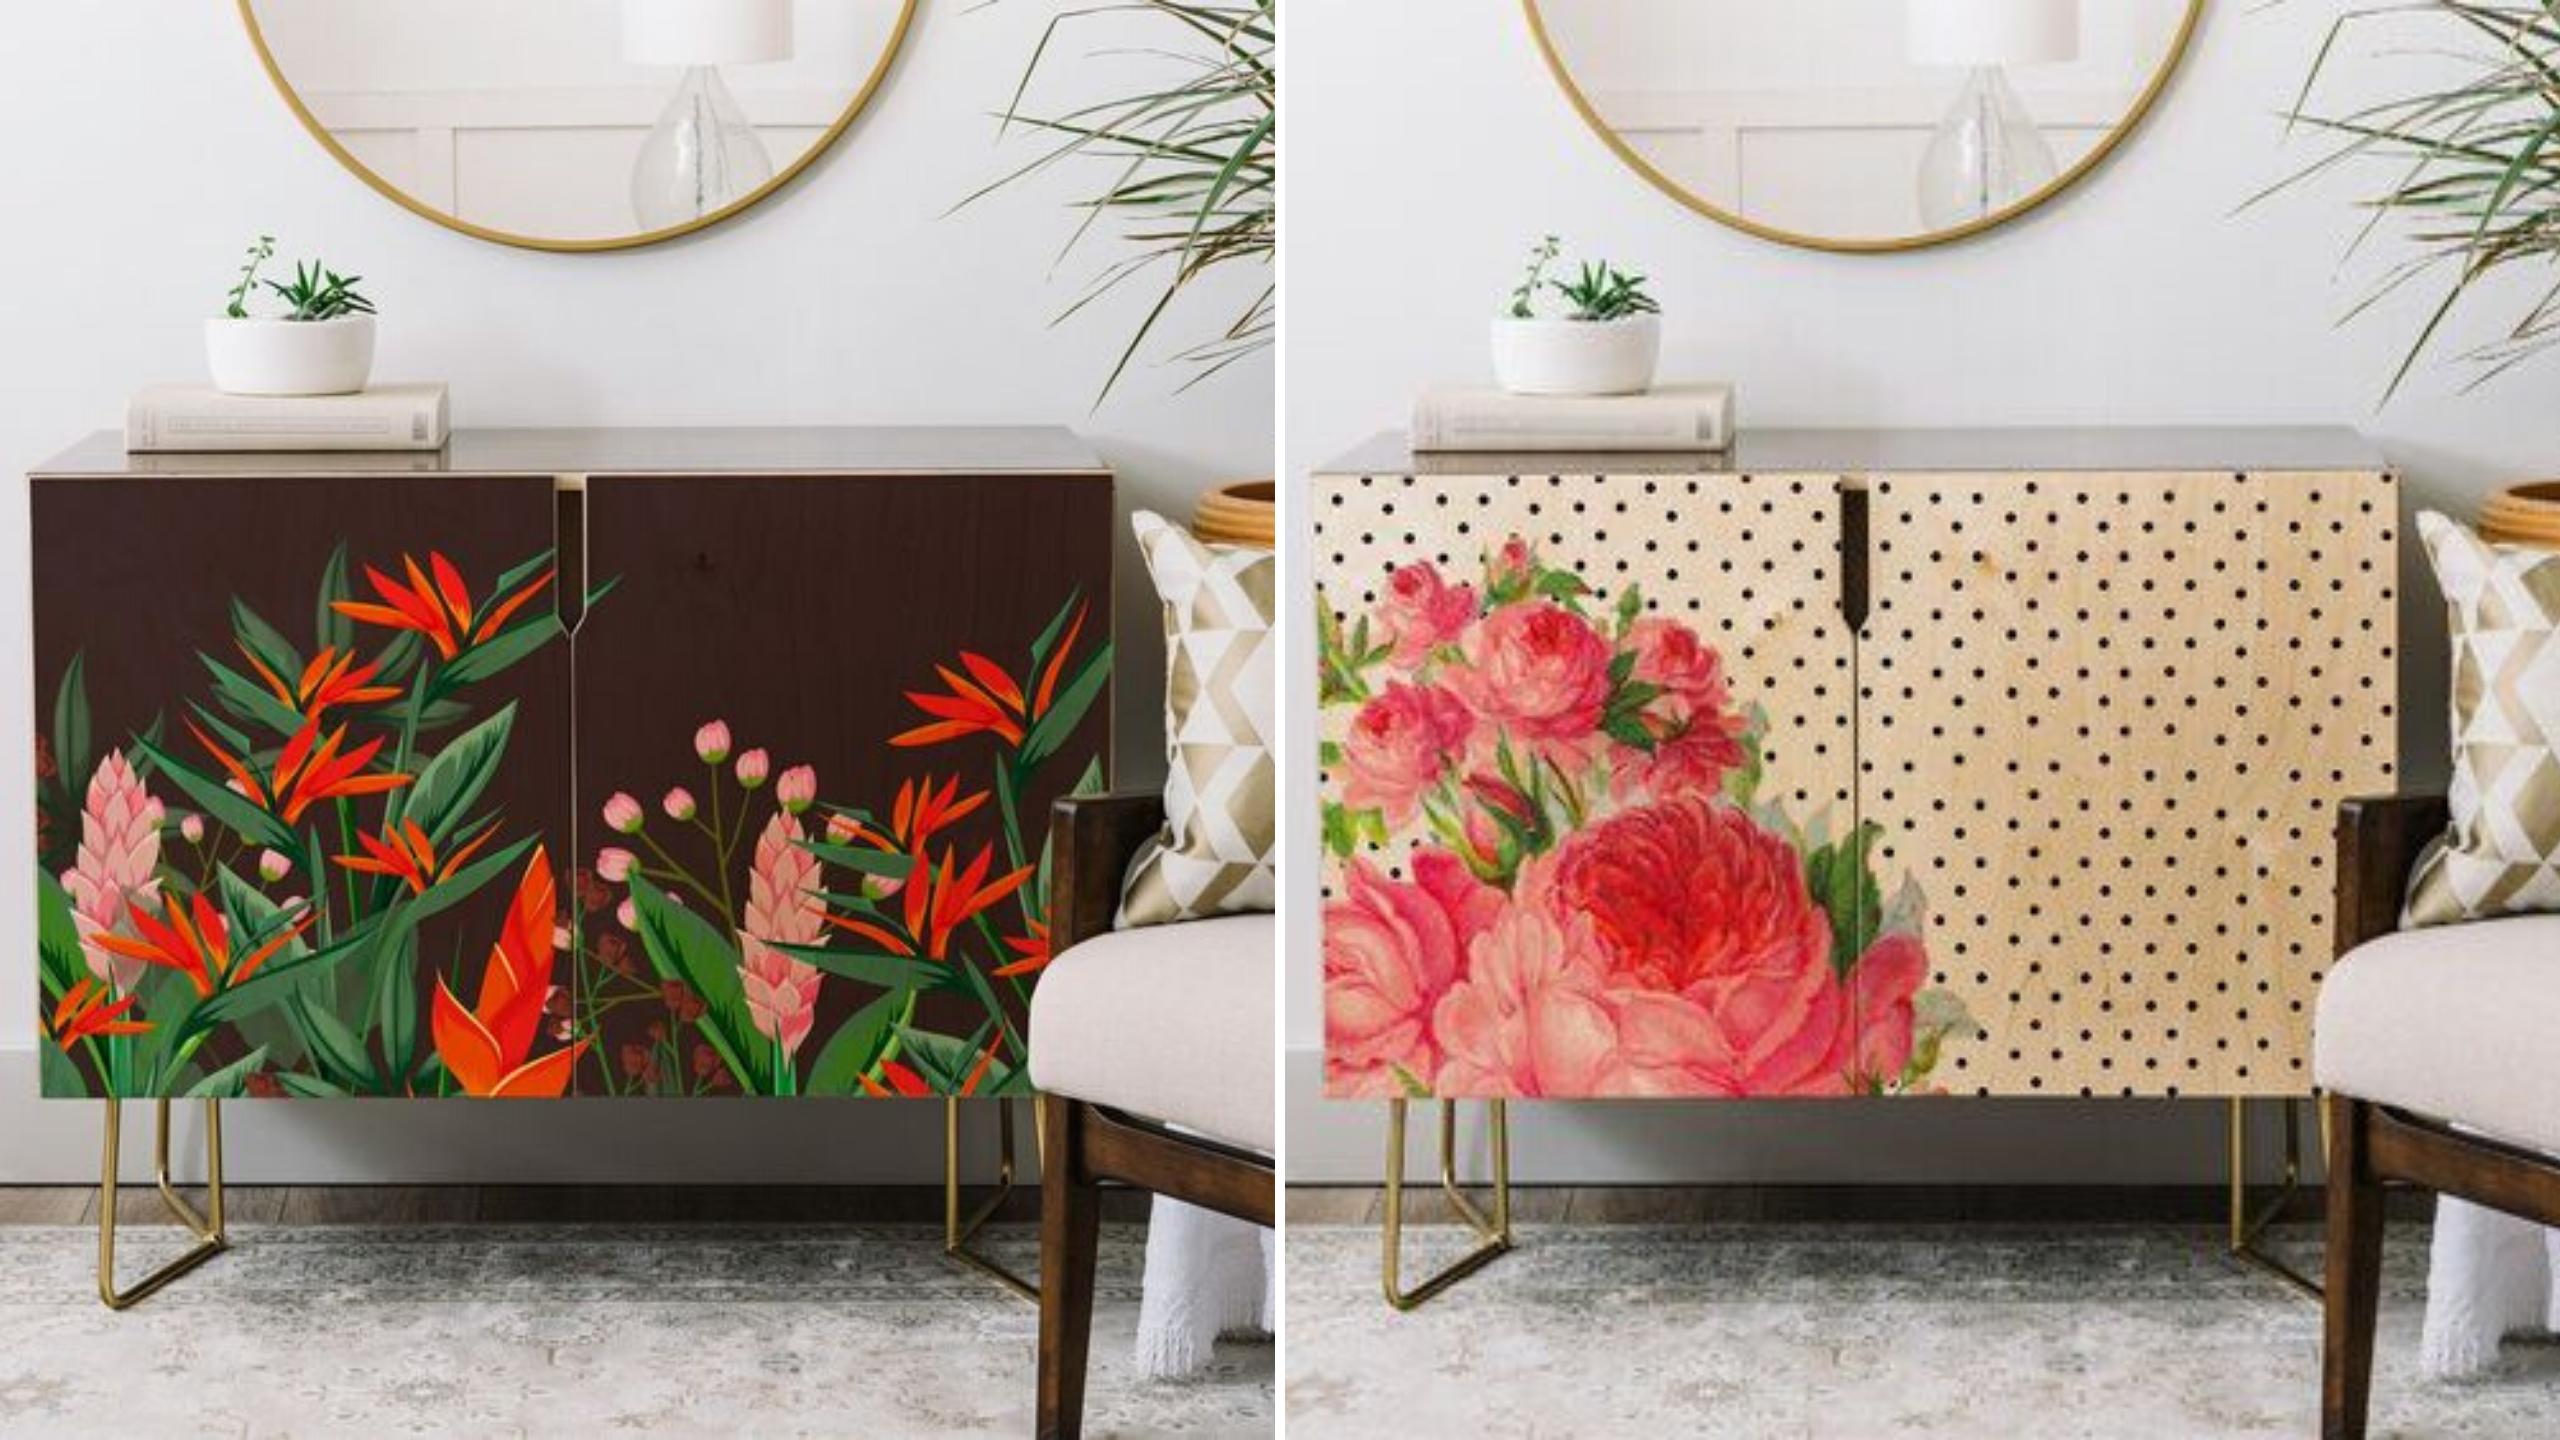 mobilier personnlise fleurs et plantes